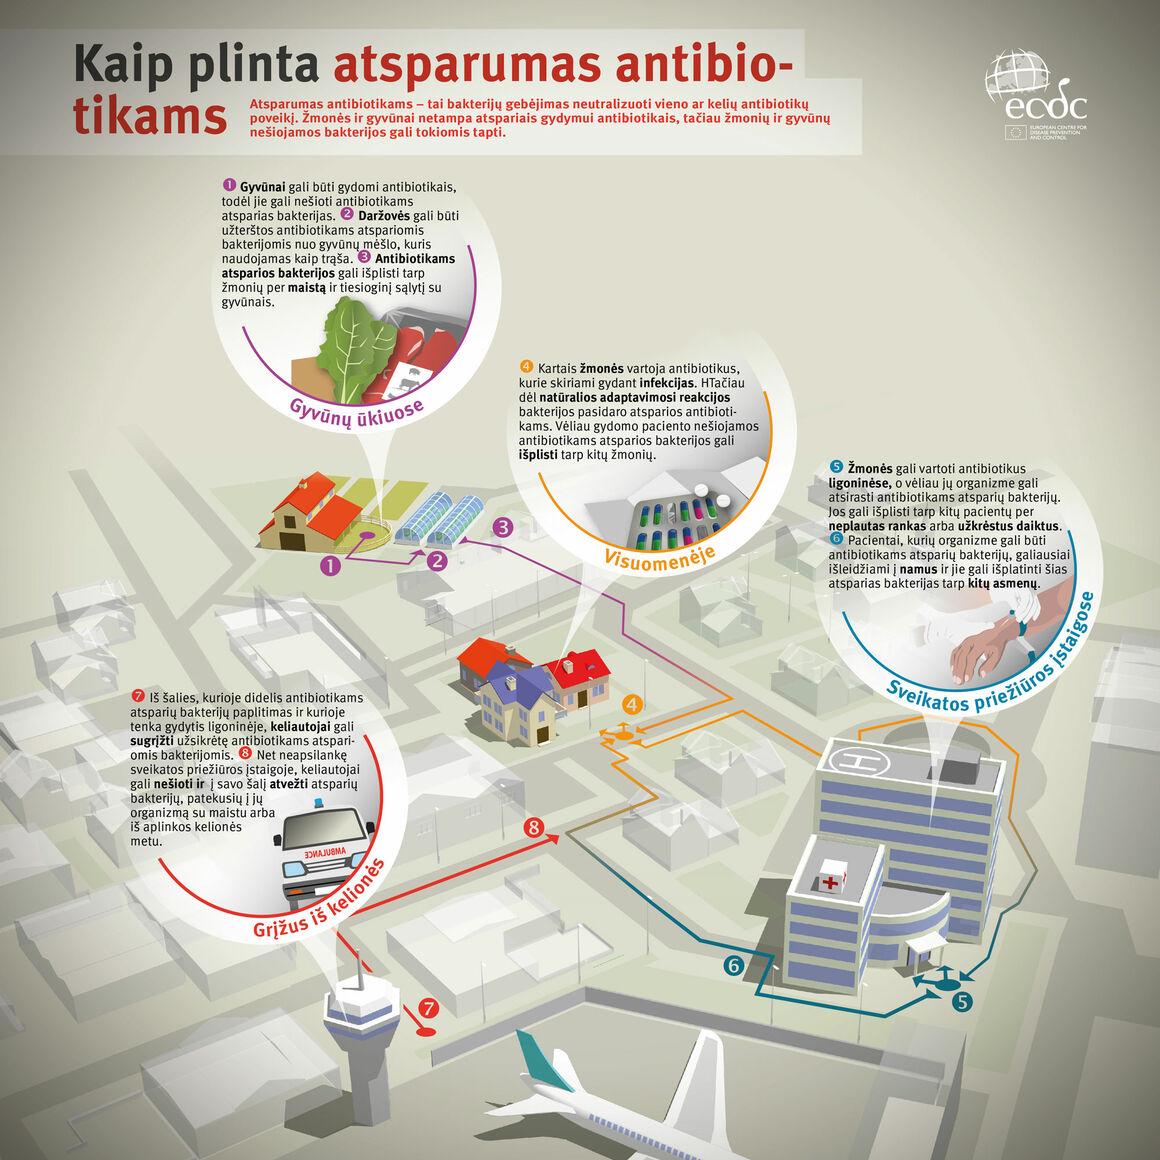 Kaip plinta atsparumas antibiotikams